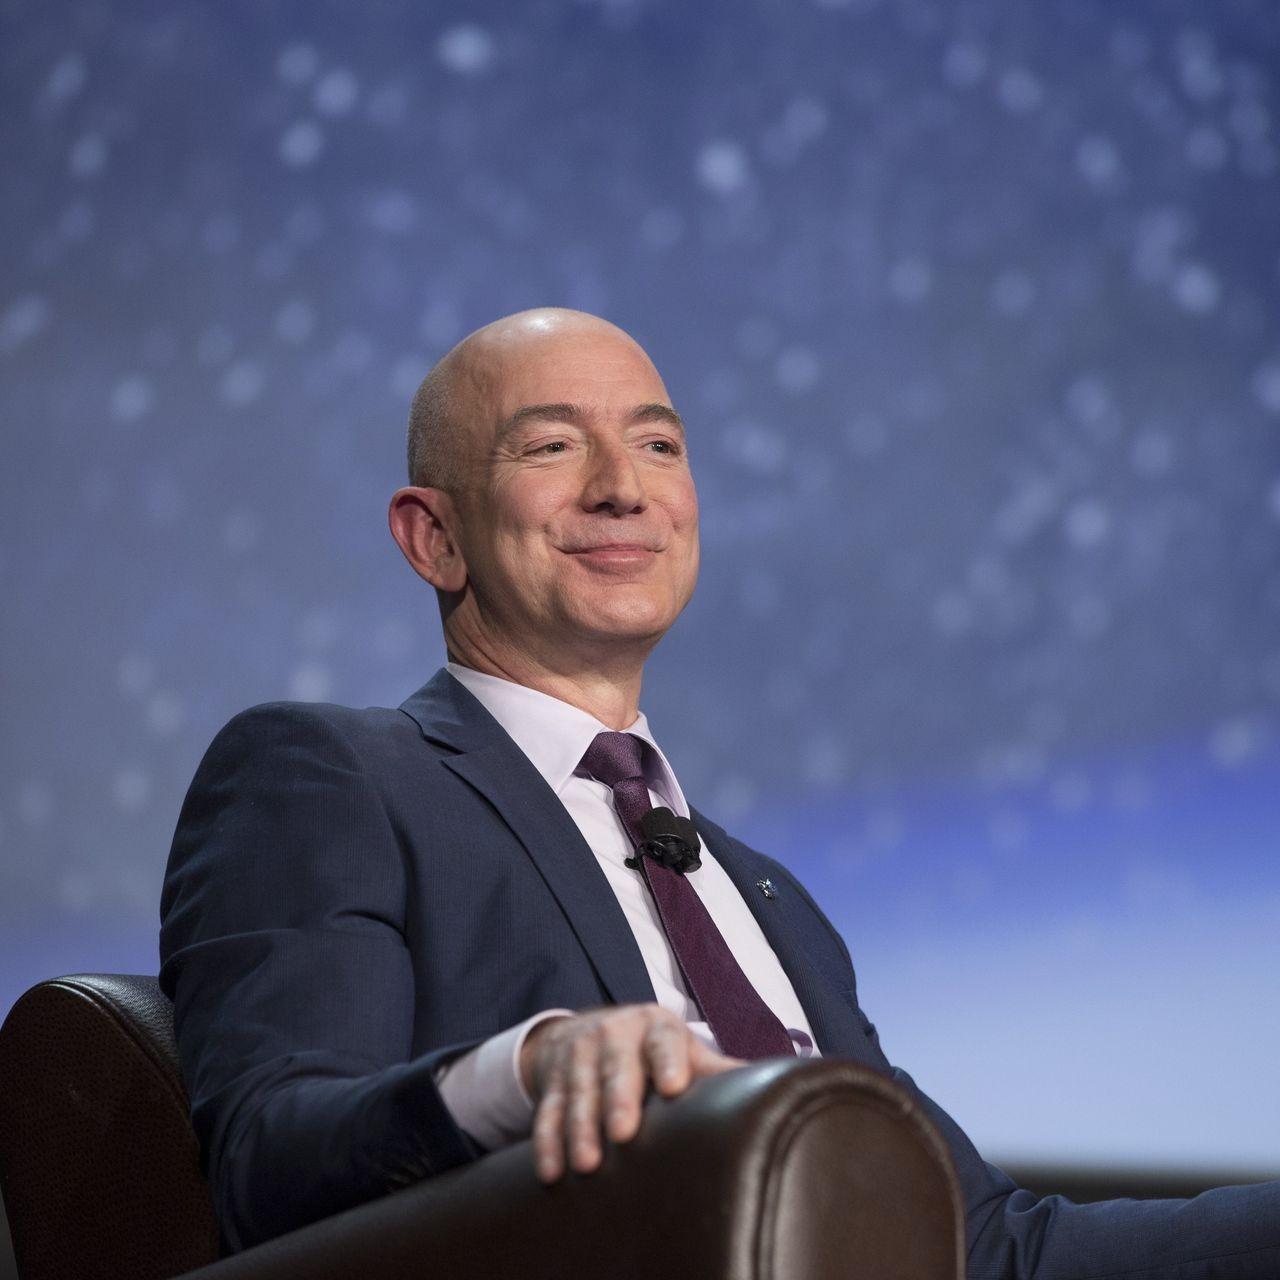 Chủ tịch điều hành Amazon Jeff Bezos. Ảnh: Bloomberg.